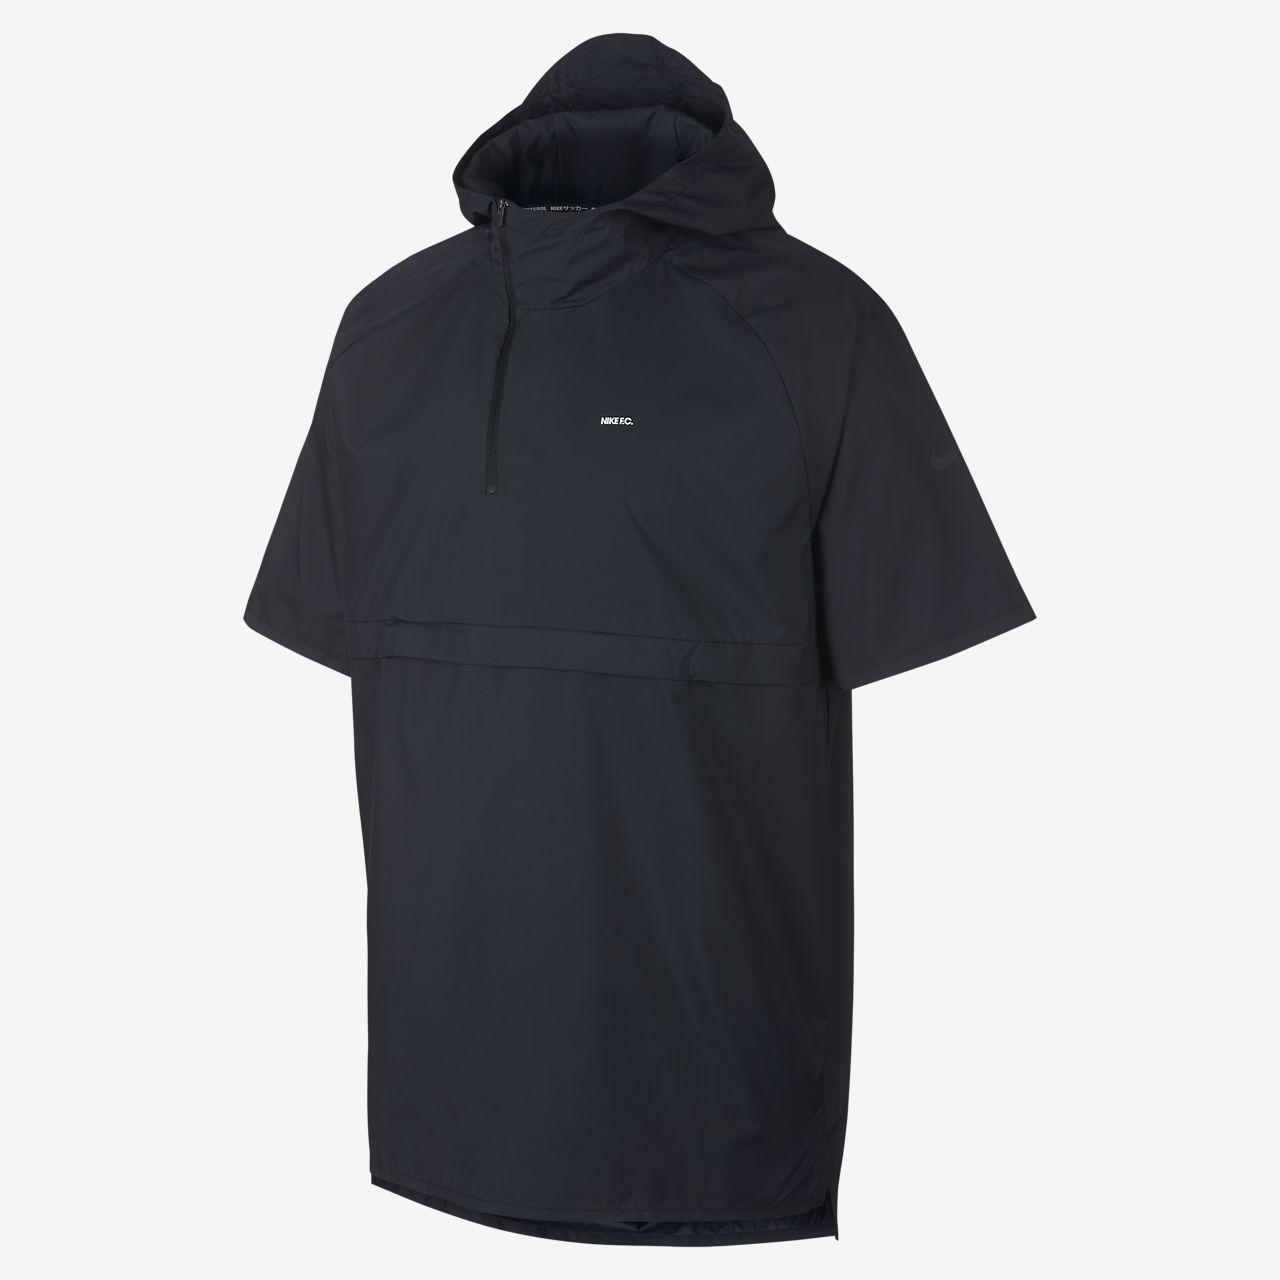 Nike F.C. rövid ujjú kapucnis férfi futballkabát